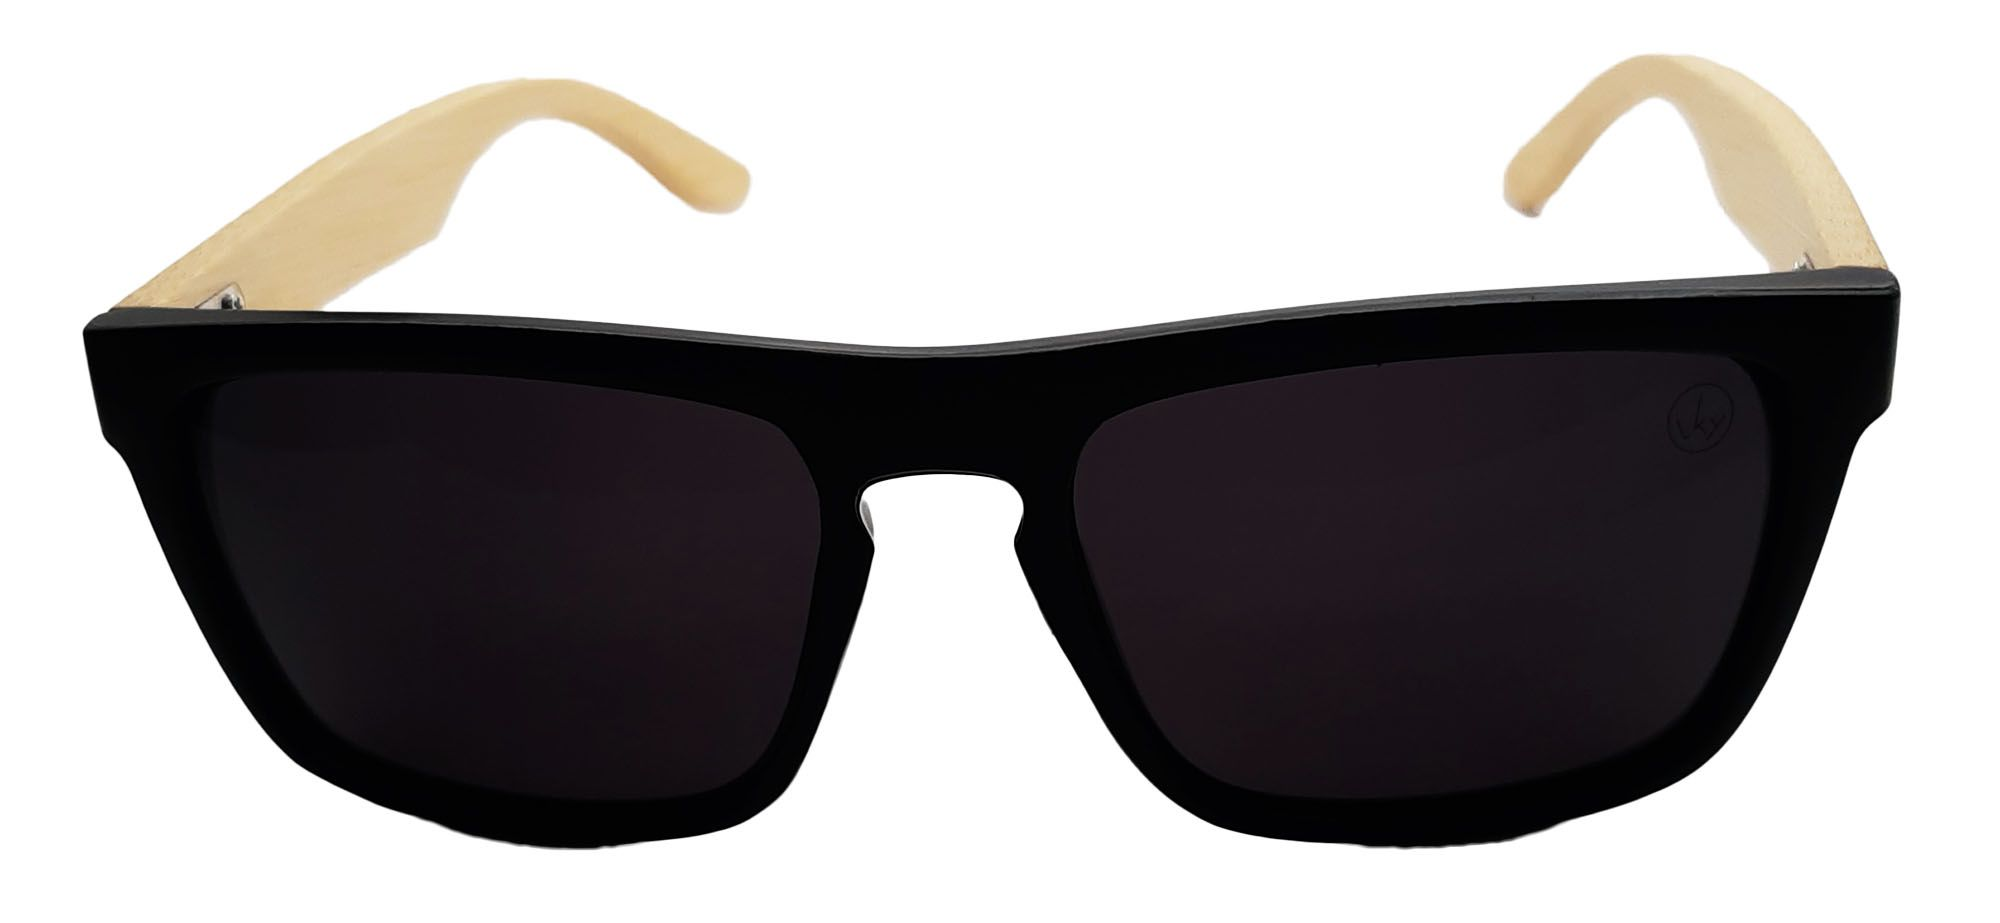 Óculos de sol polarizado Lucky1953